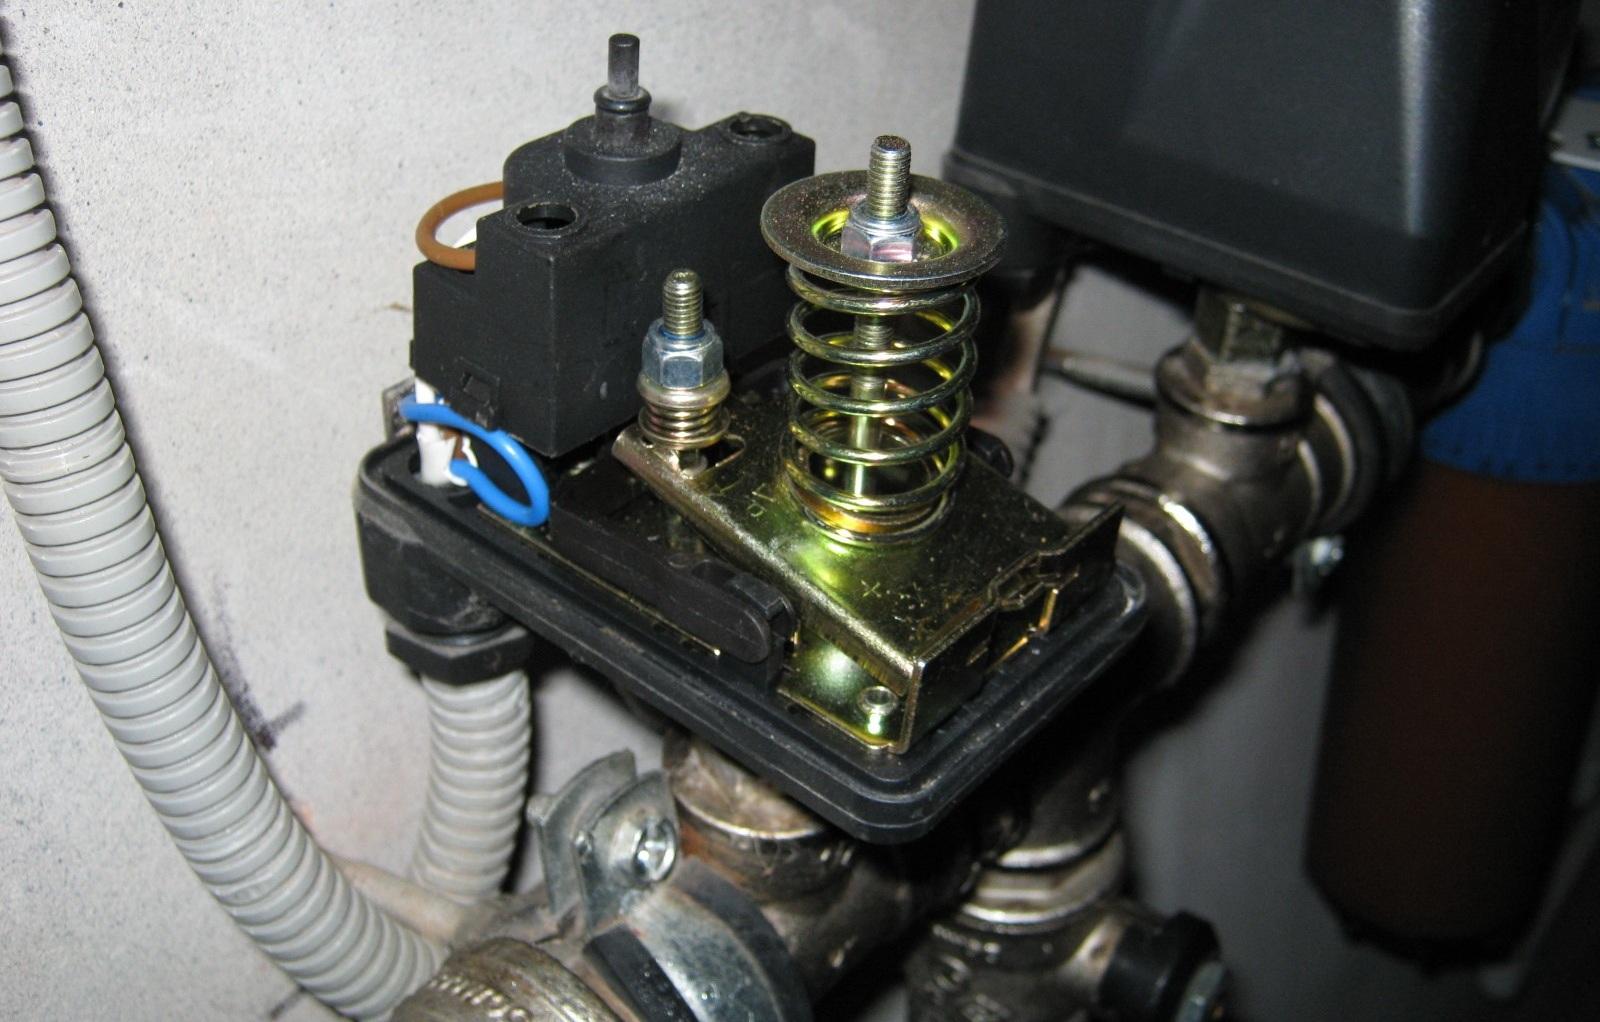 Датчик давления воды в системе водоснабжения регулировка давления в трубопроводе